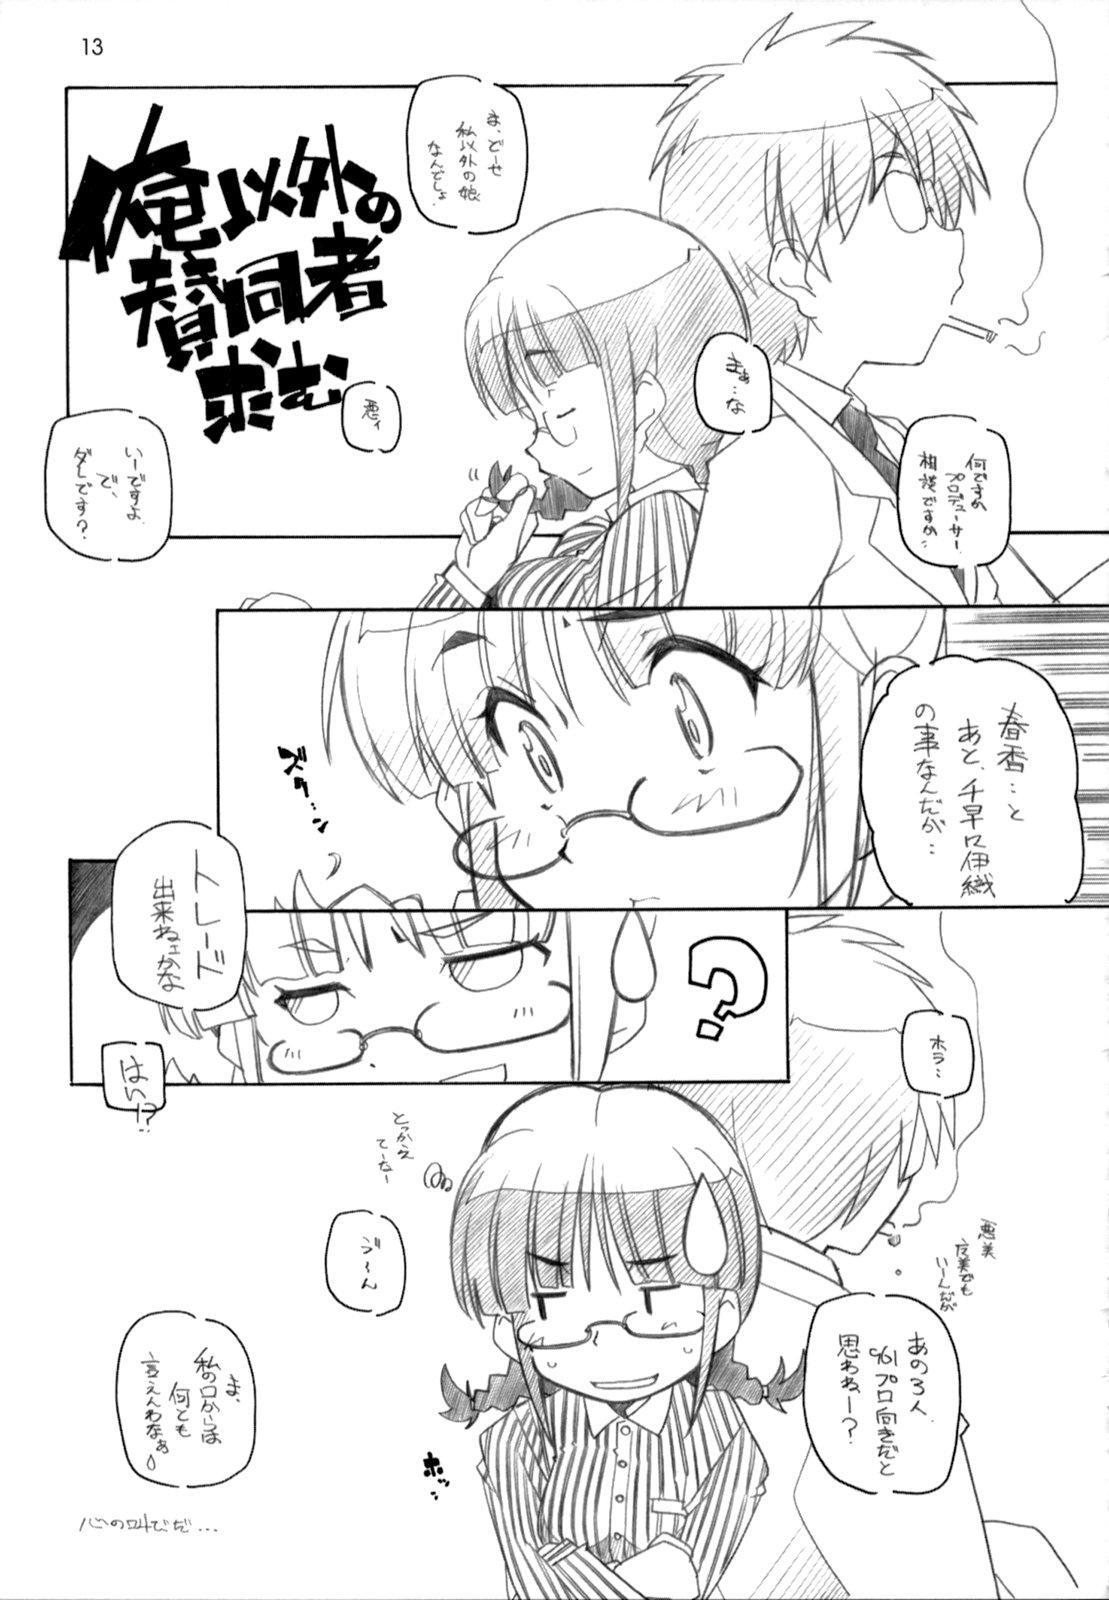 Gentsuki wa Bike janai 12